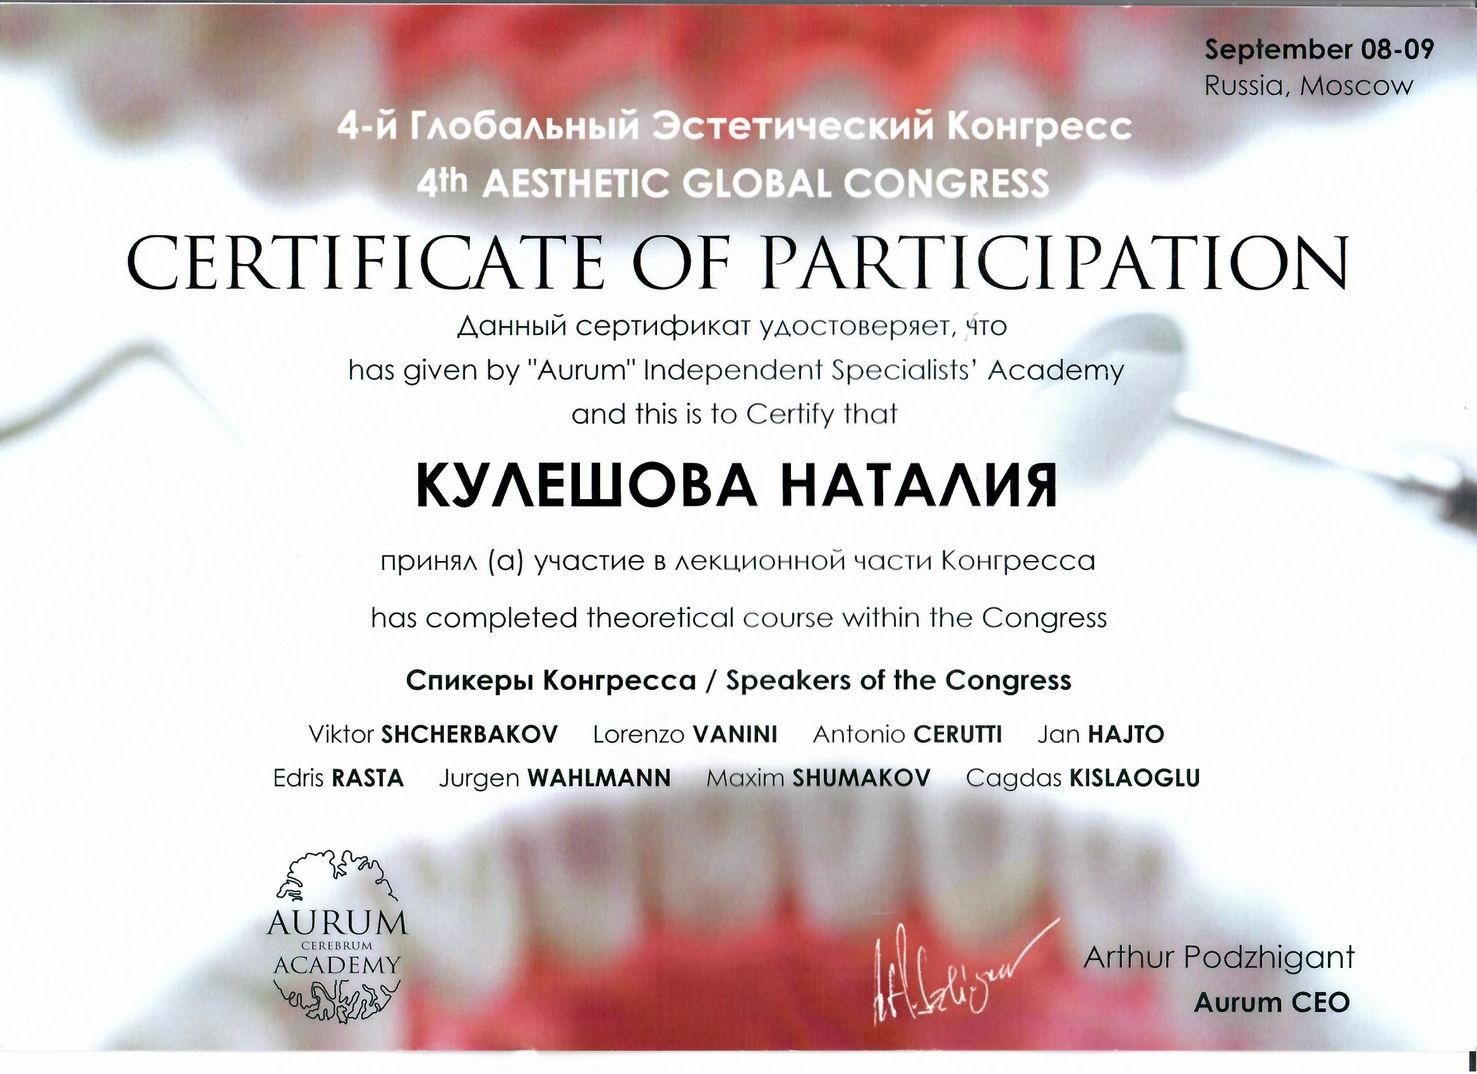 4 глобальный эстетический конгресс